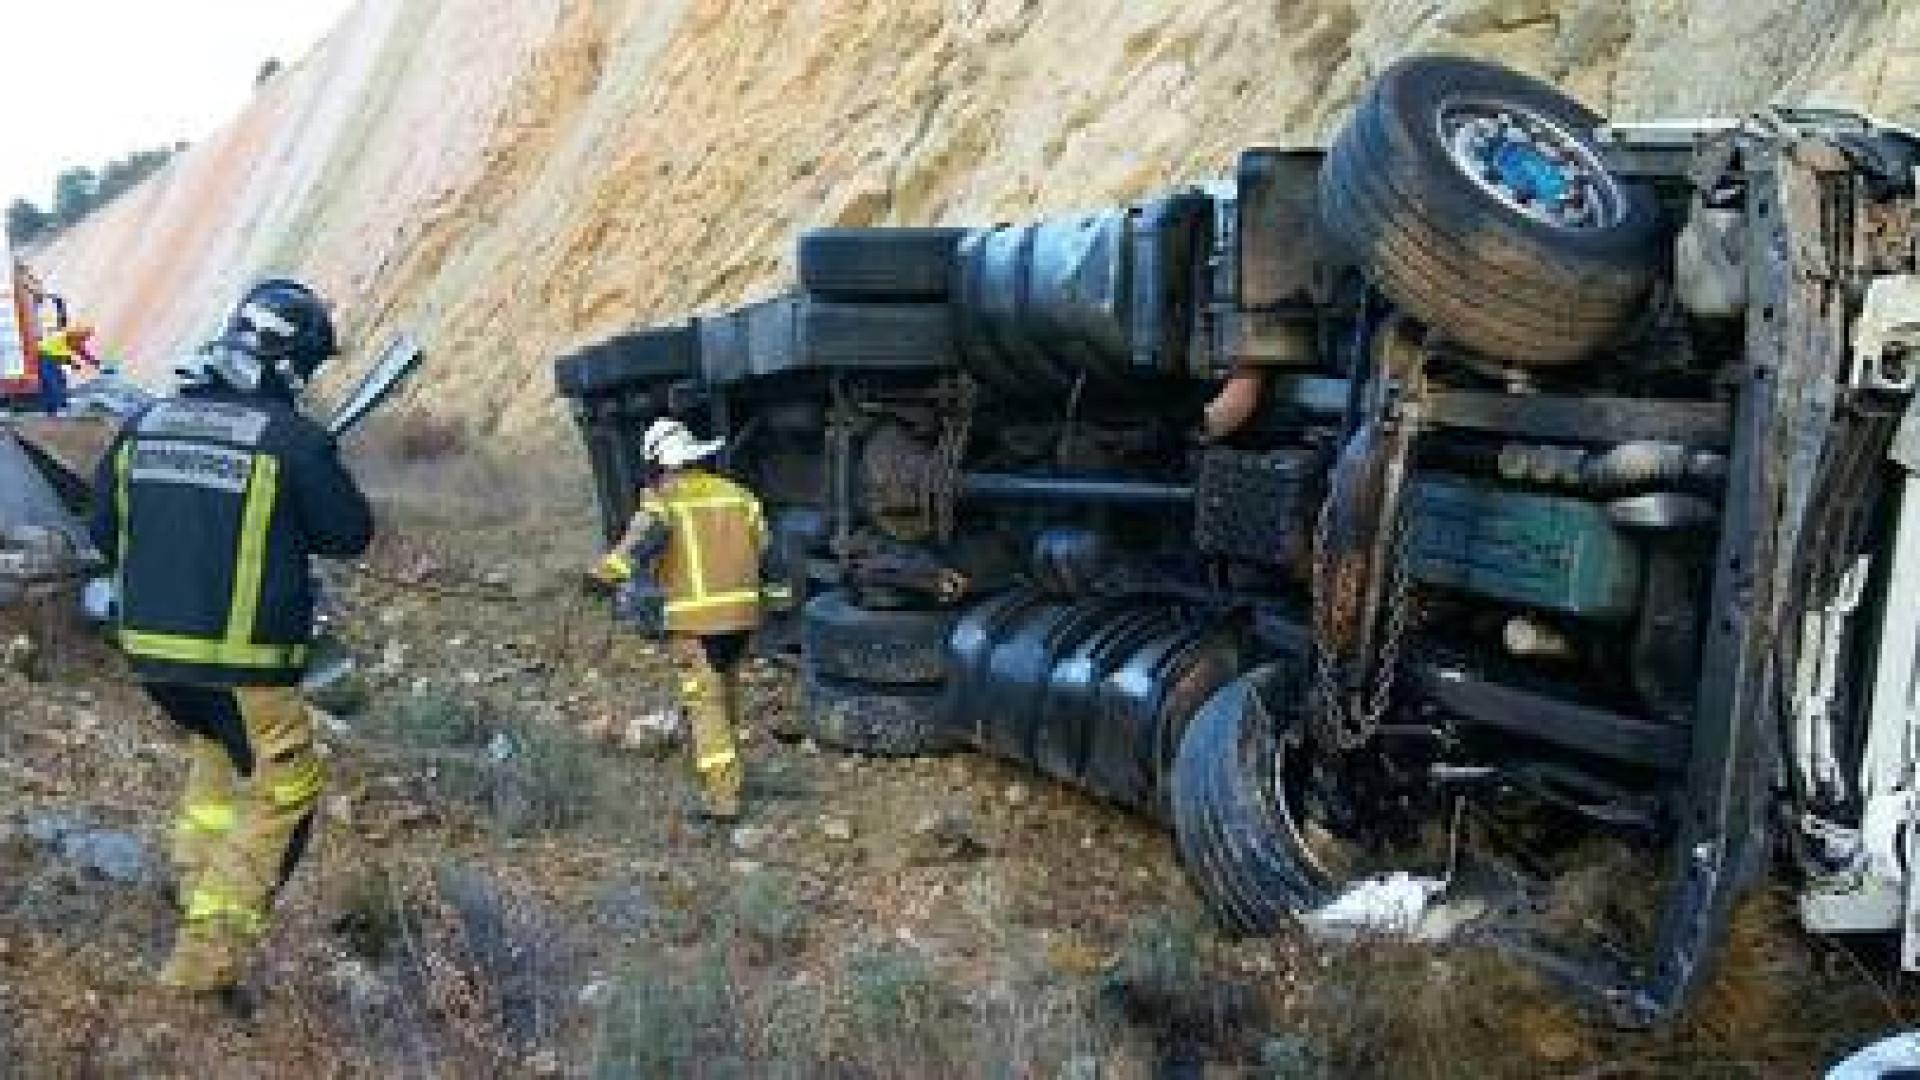 Camionista português morre após grave acidente em Espanha